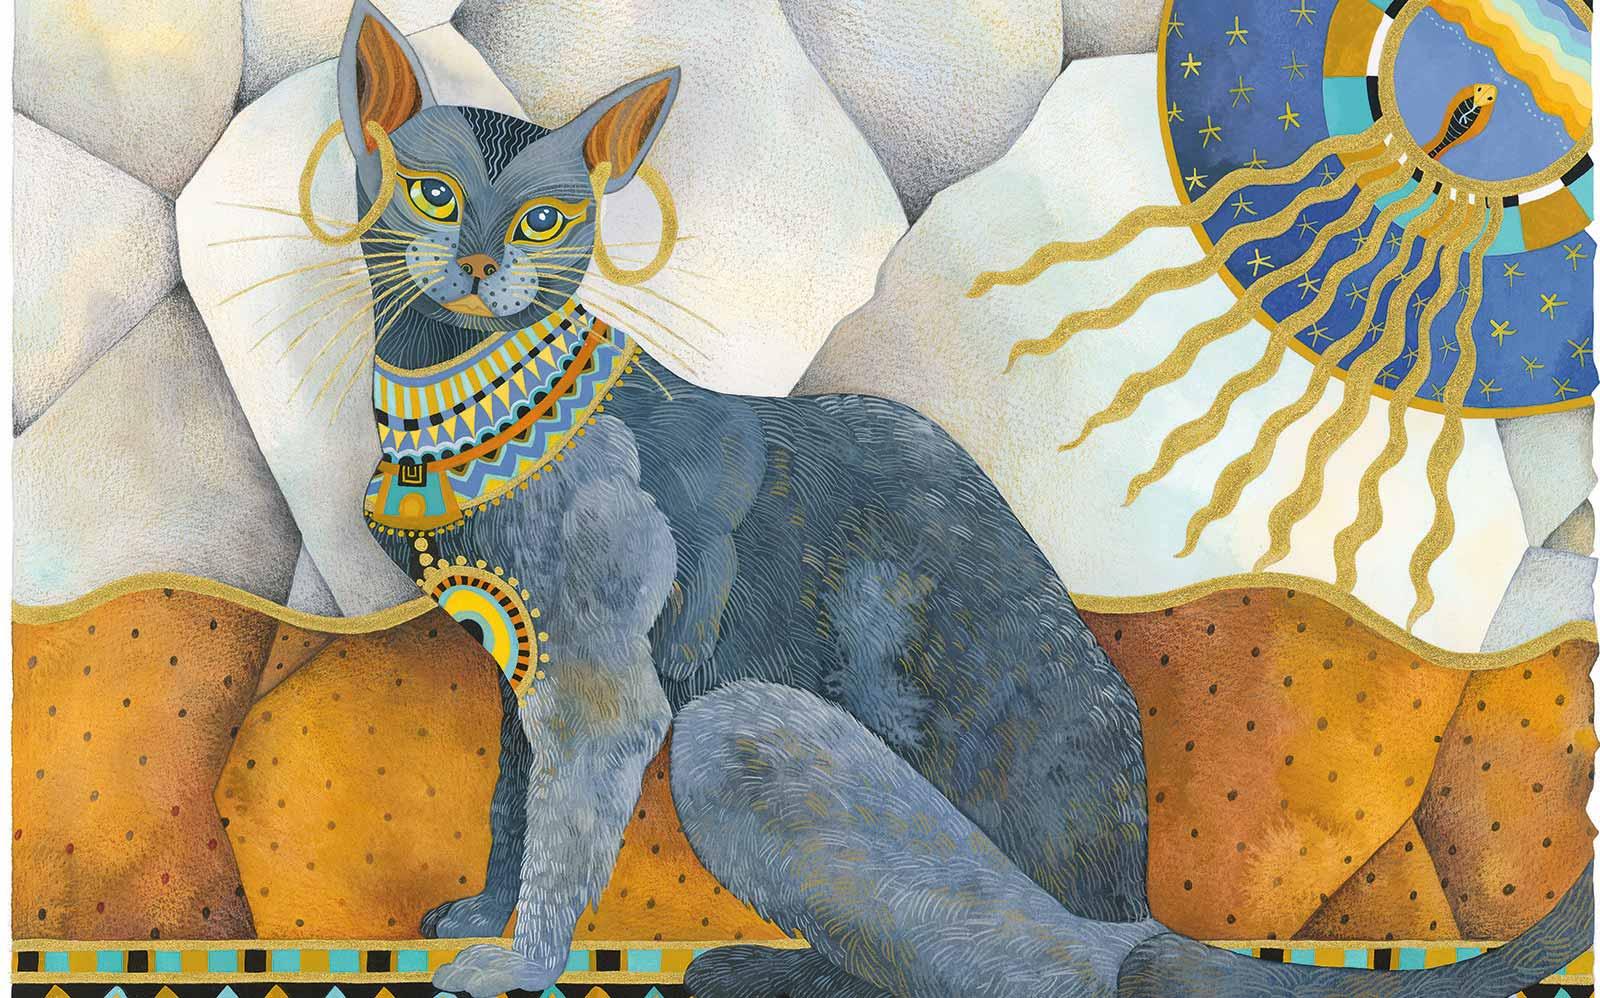 Le avventure di Norvy, il Gatto Immaginario di Luca e Chiara – GATTI EGIZI – 6°pt